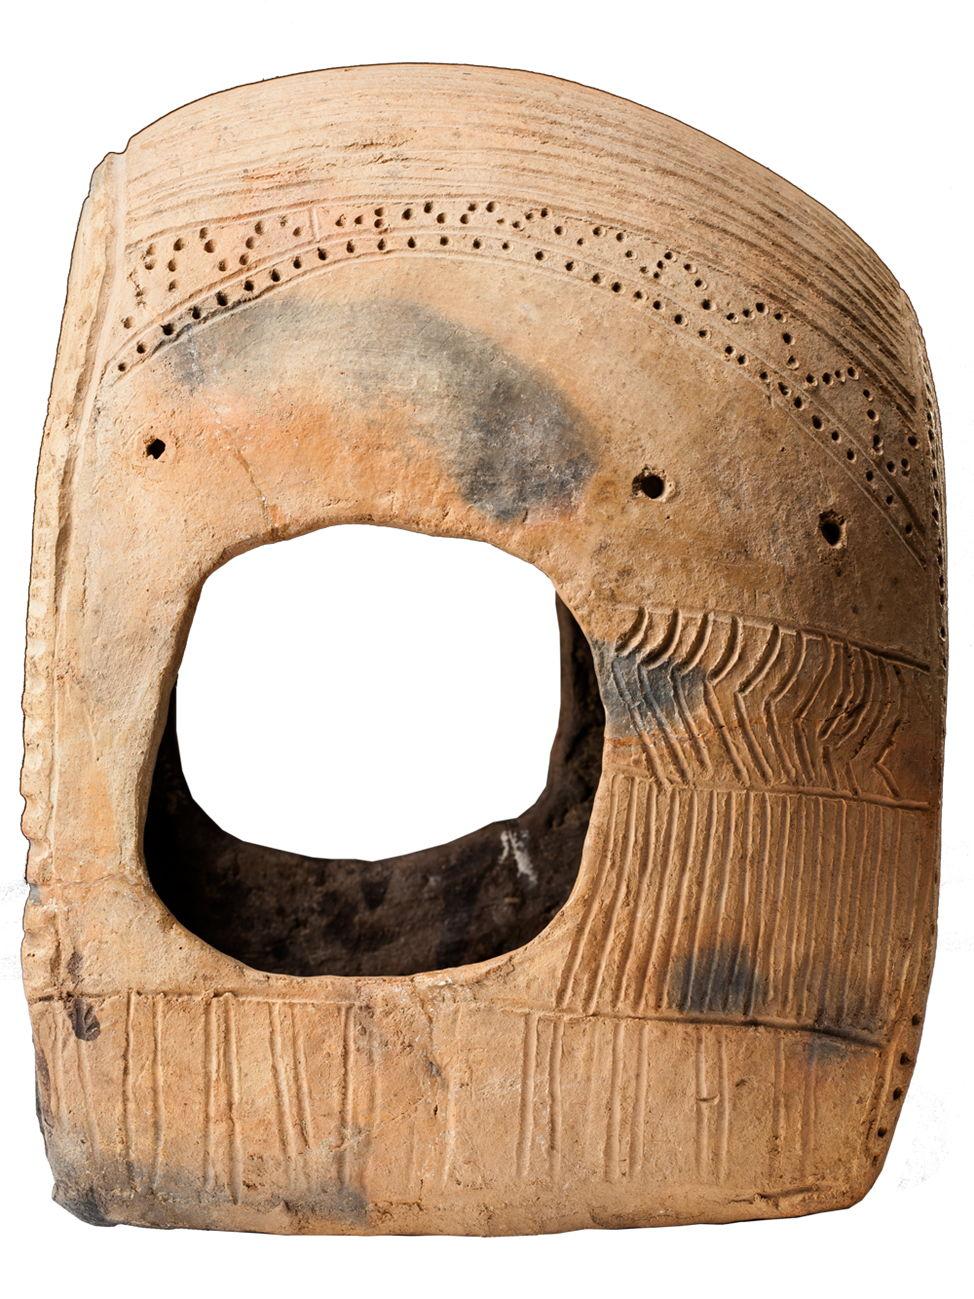 Модель повозки, середина III тыс. до н.э. Россия, Ставропольский край. Арзгирский район, Чограй VIII. Боковая часть.